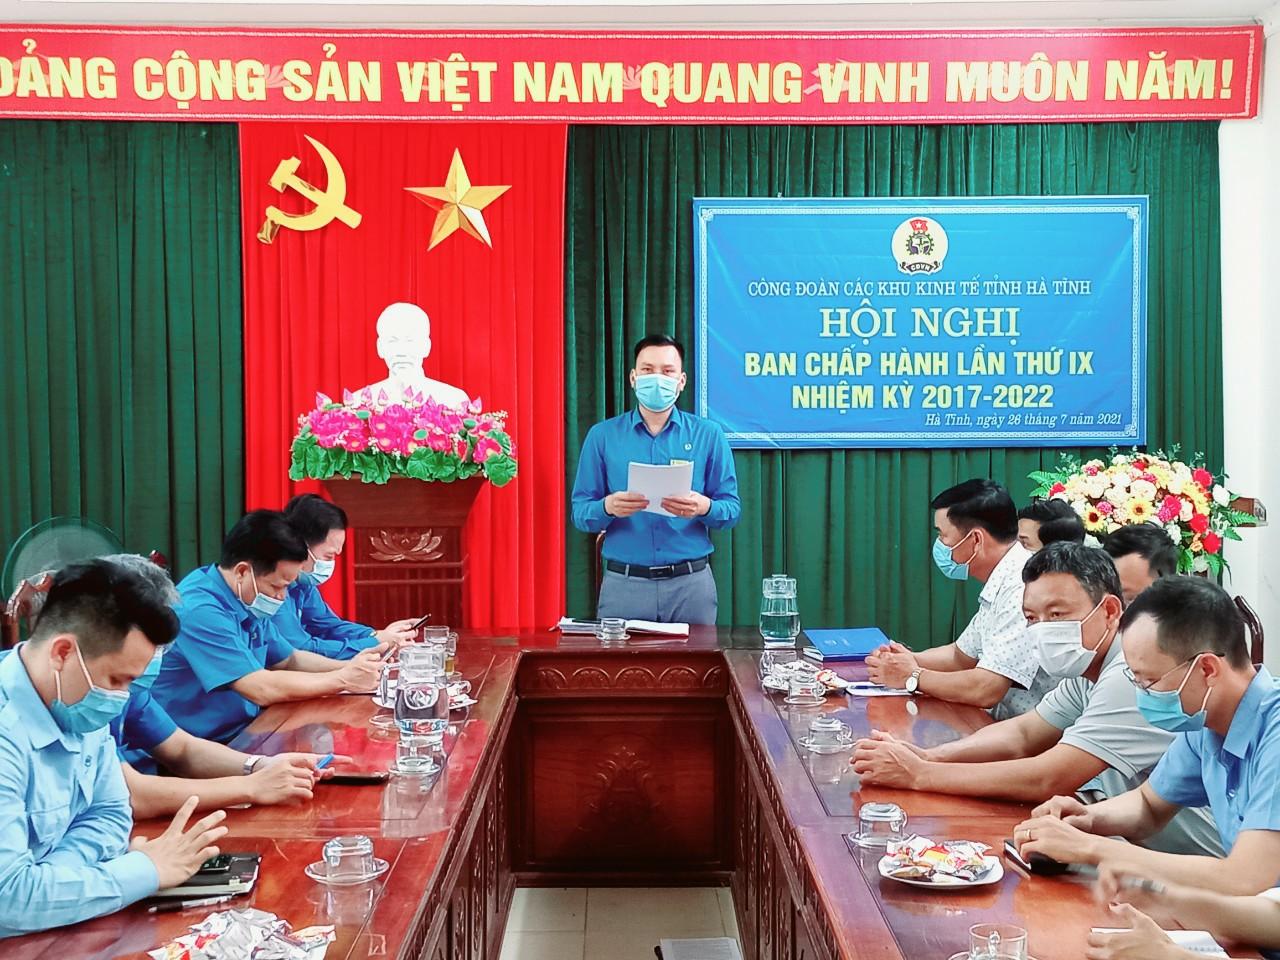 Công đoàn các KKT tỉnh: Tổ chức Hội nghị Ban Chấp hành lần thứ IX